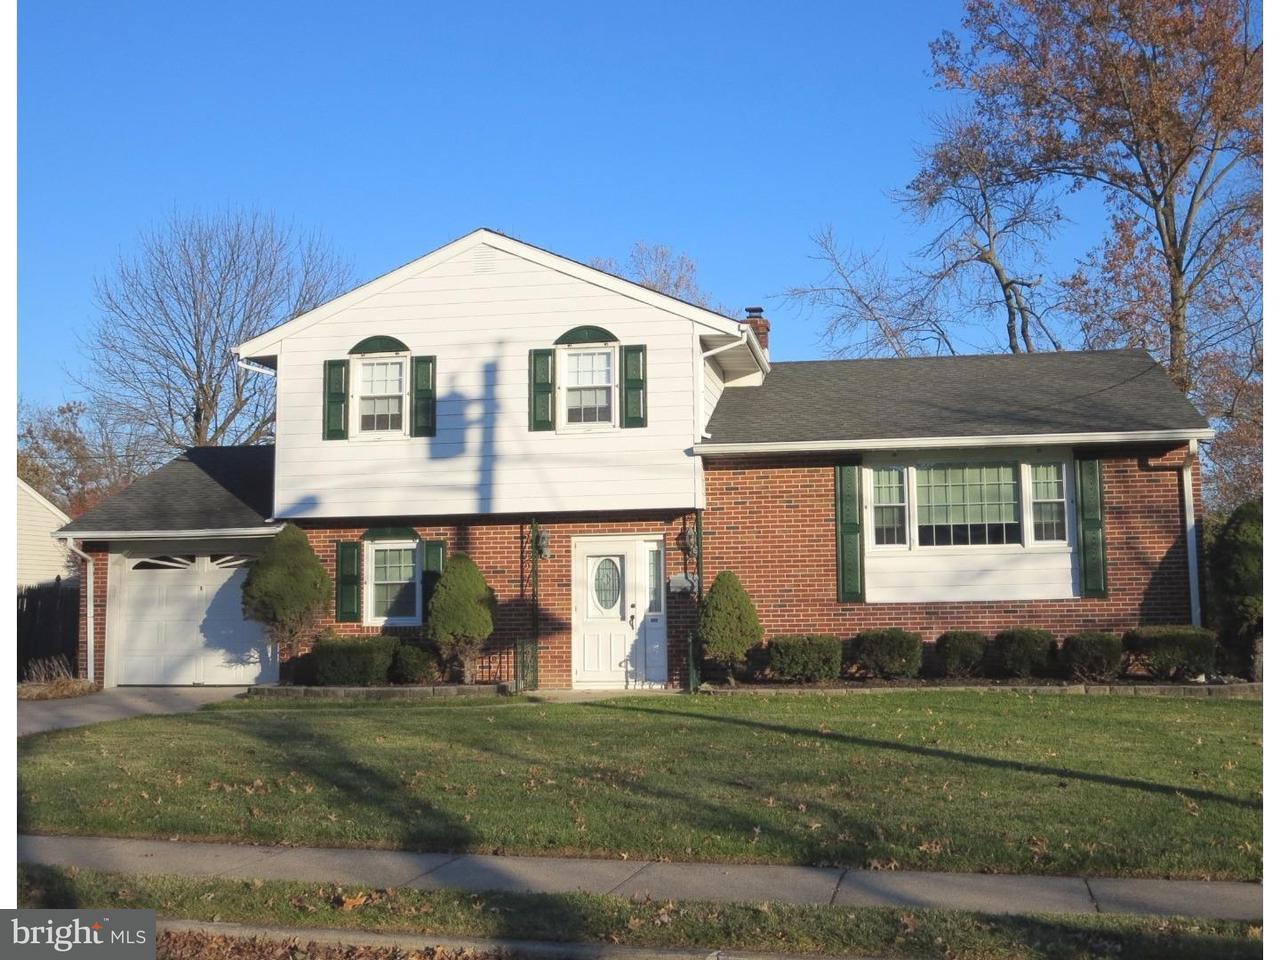 独户住宅 为 出租 在 244 FIELDBORO Drive 劳伦斯维尔, 新泽西州 08648 美国在/周边: Lawrence Township